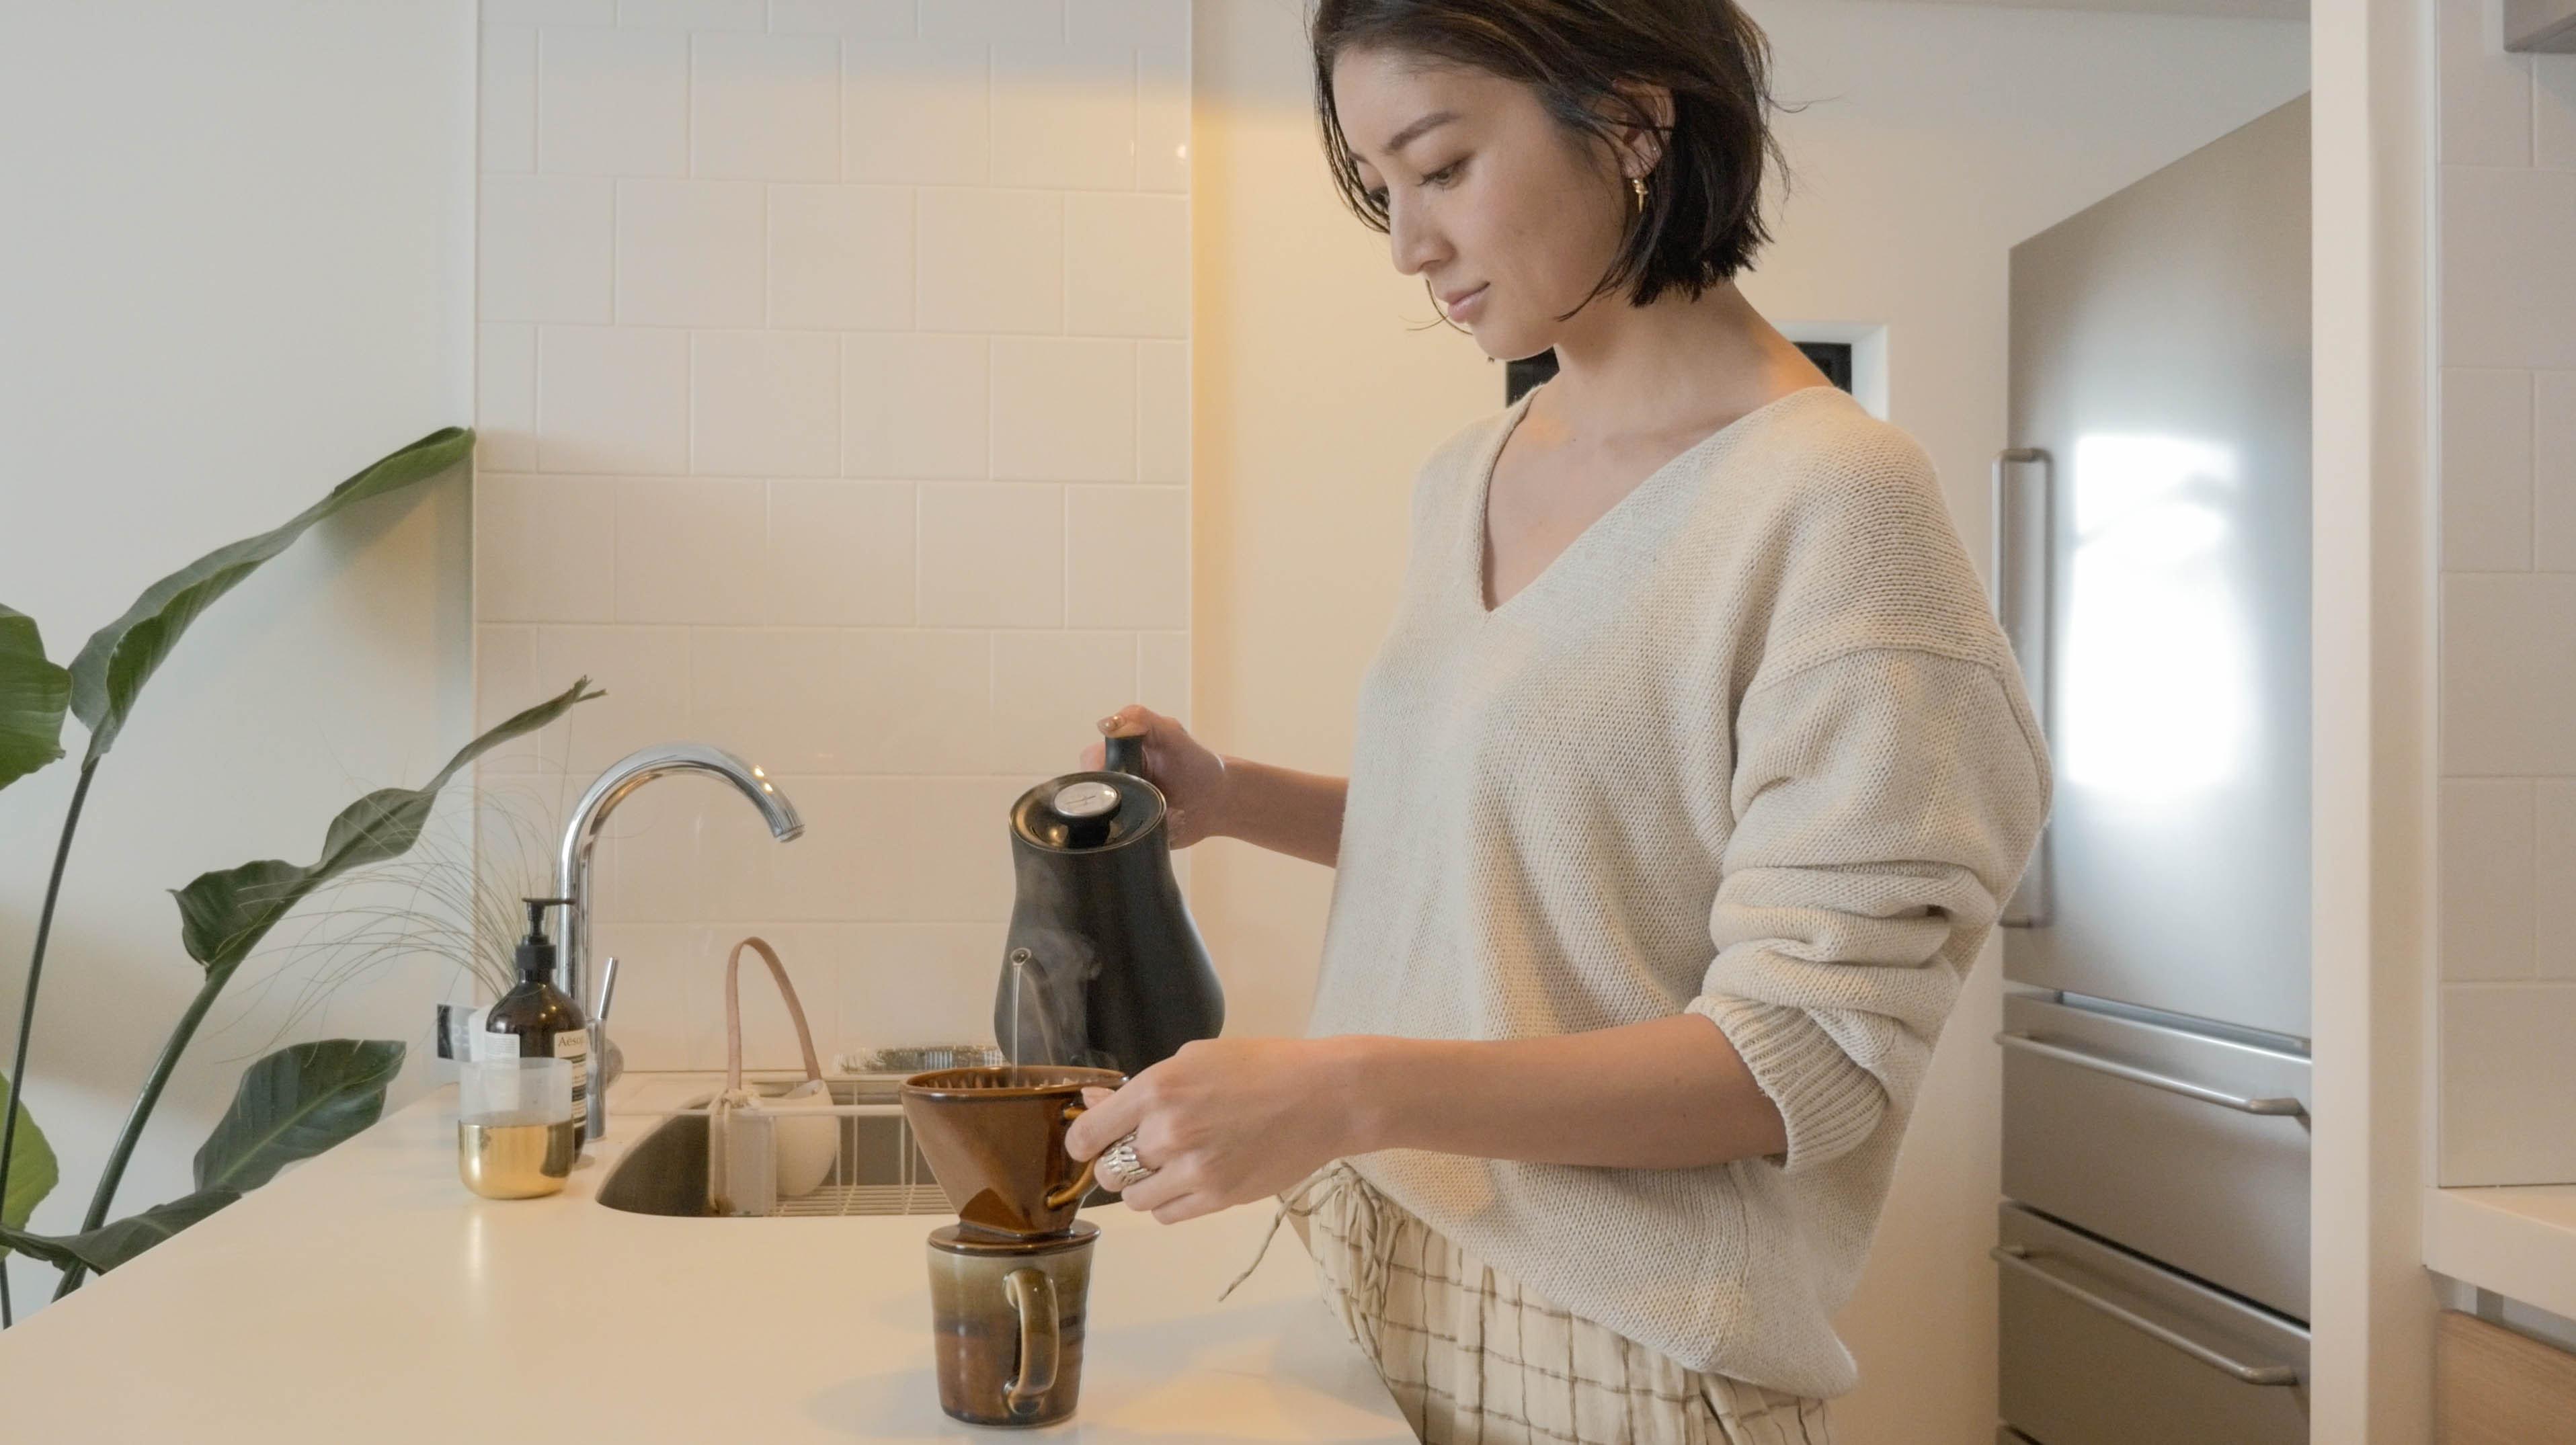 LIFE'Sディレクター、吉田怜香さんのLAを感じるインテリア術【ライフスタイル密着/自宅編】